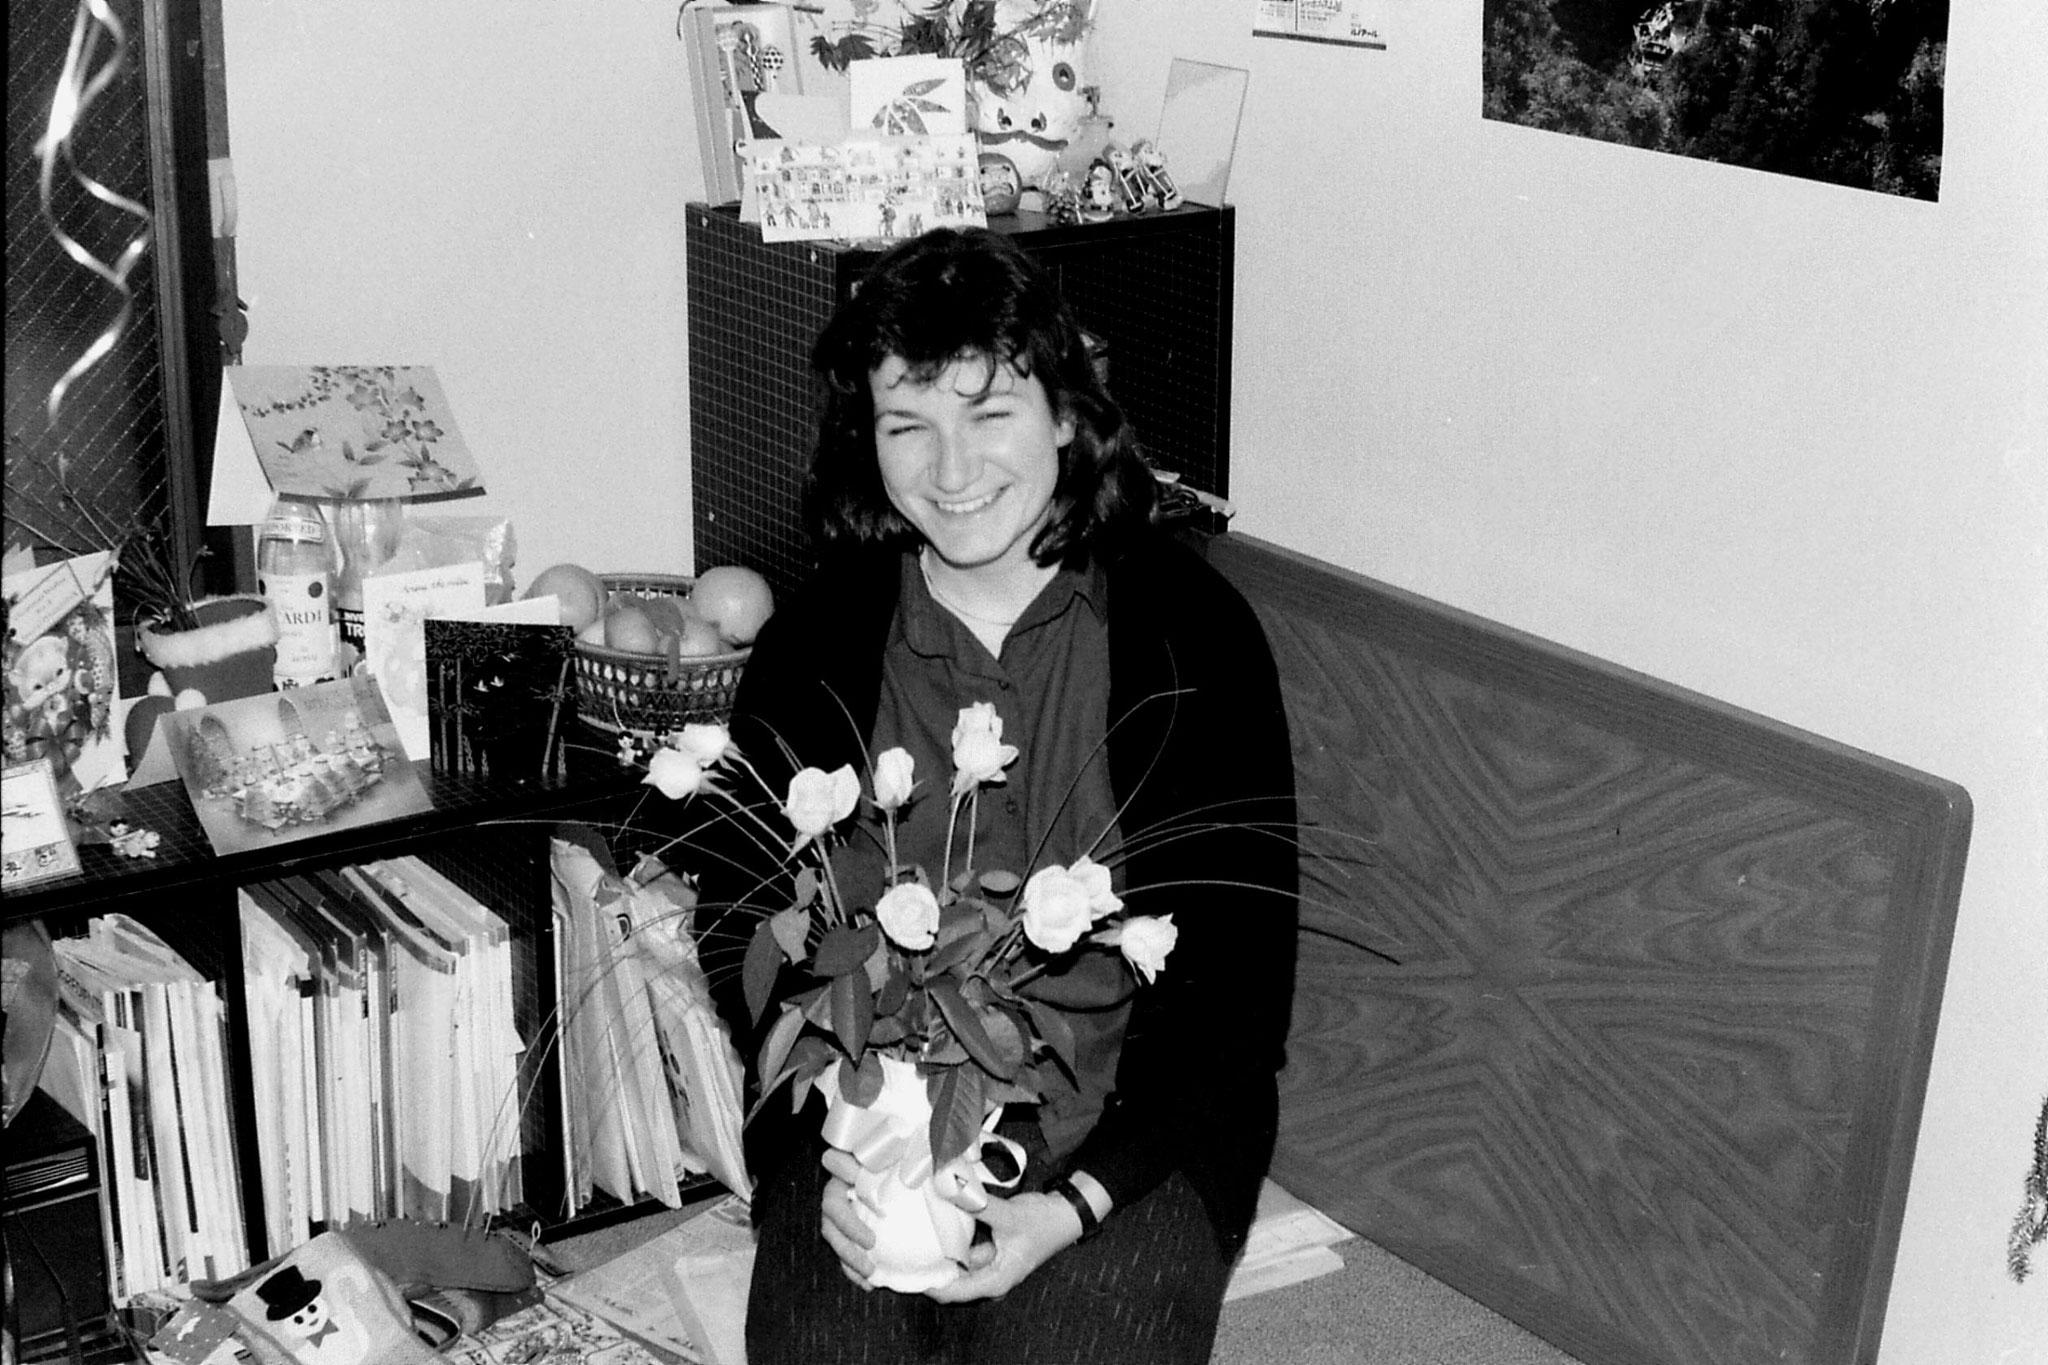 28/12/1988: 27: Joy with cake